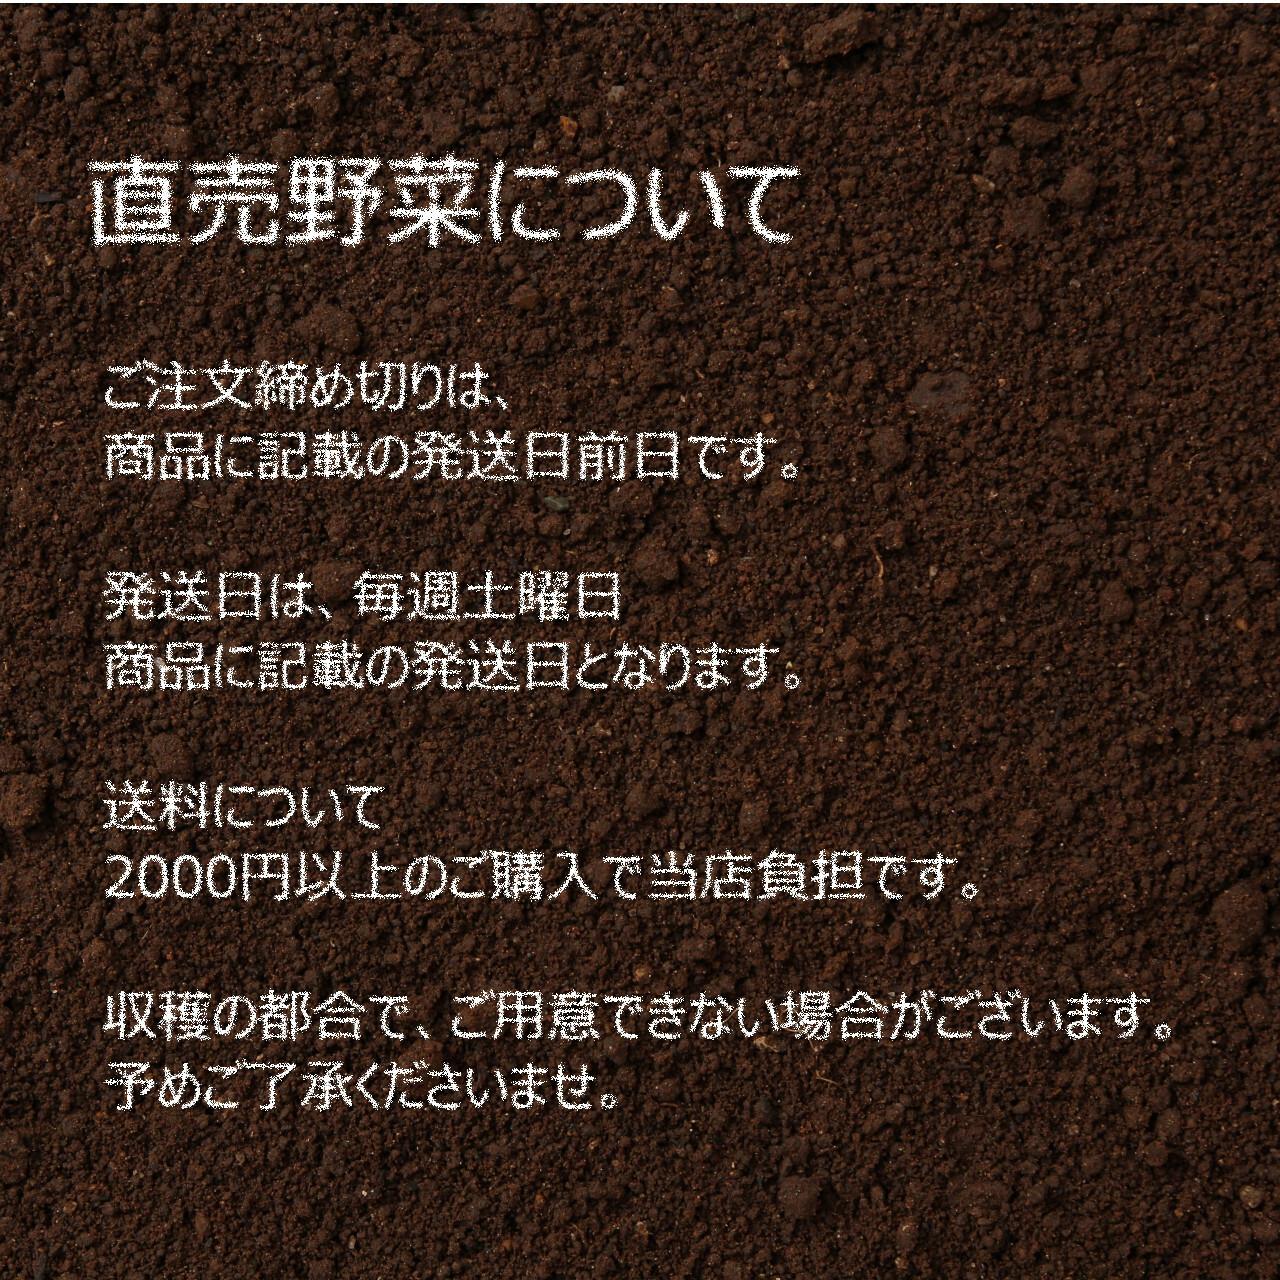 6月の新鮮野菜 : ブロッコリー 約 1個 朝採り直売野菜 6月27日発送予定